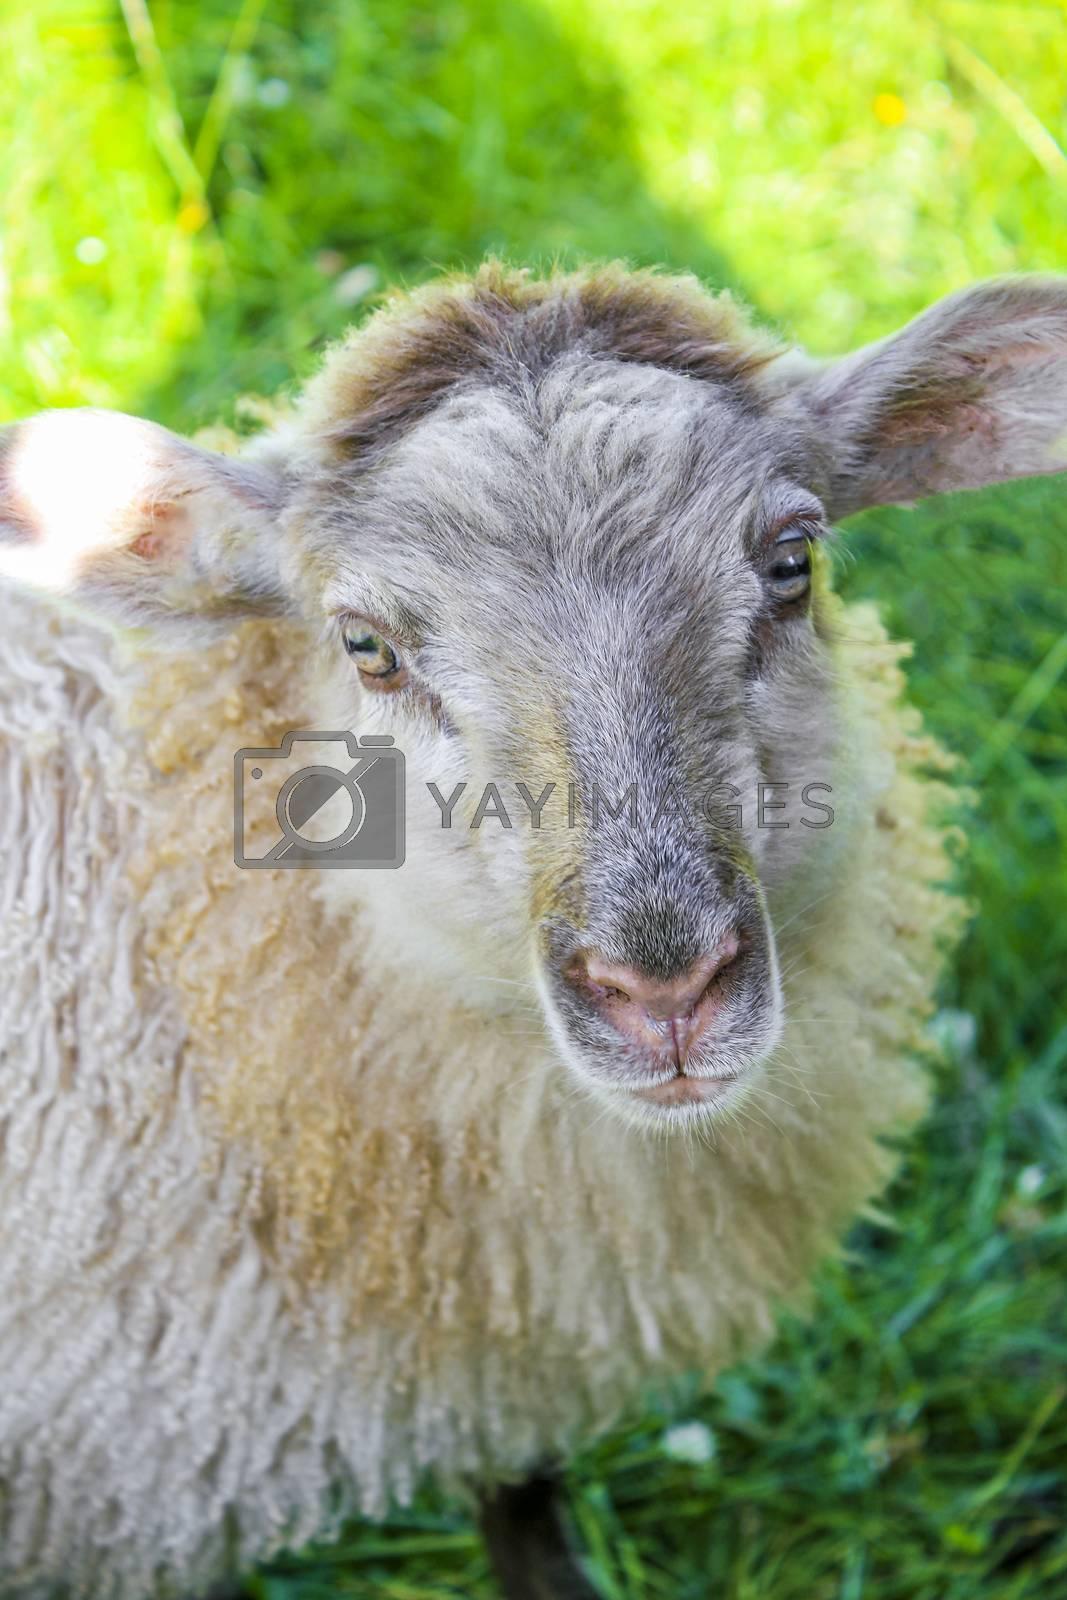 Cute brown woolly sheep in meadow in Hemsedal, Viken, Norway